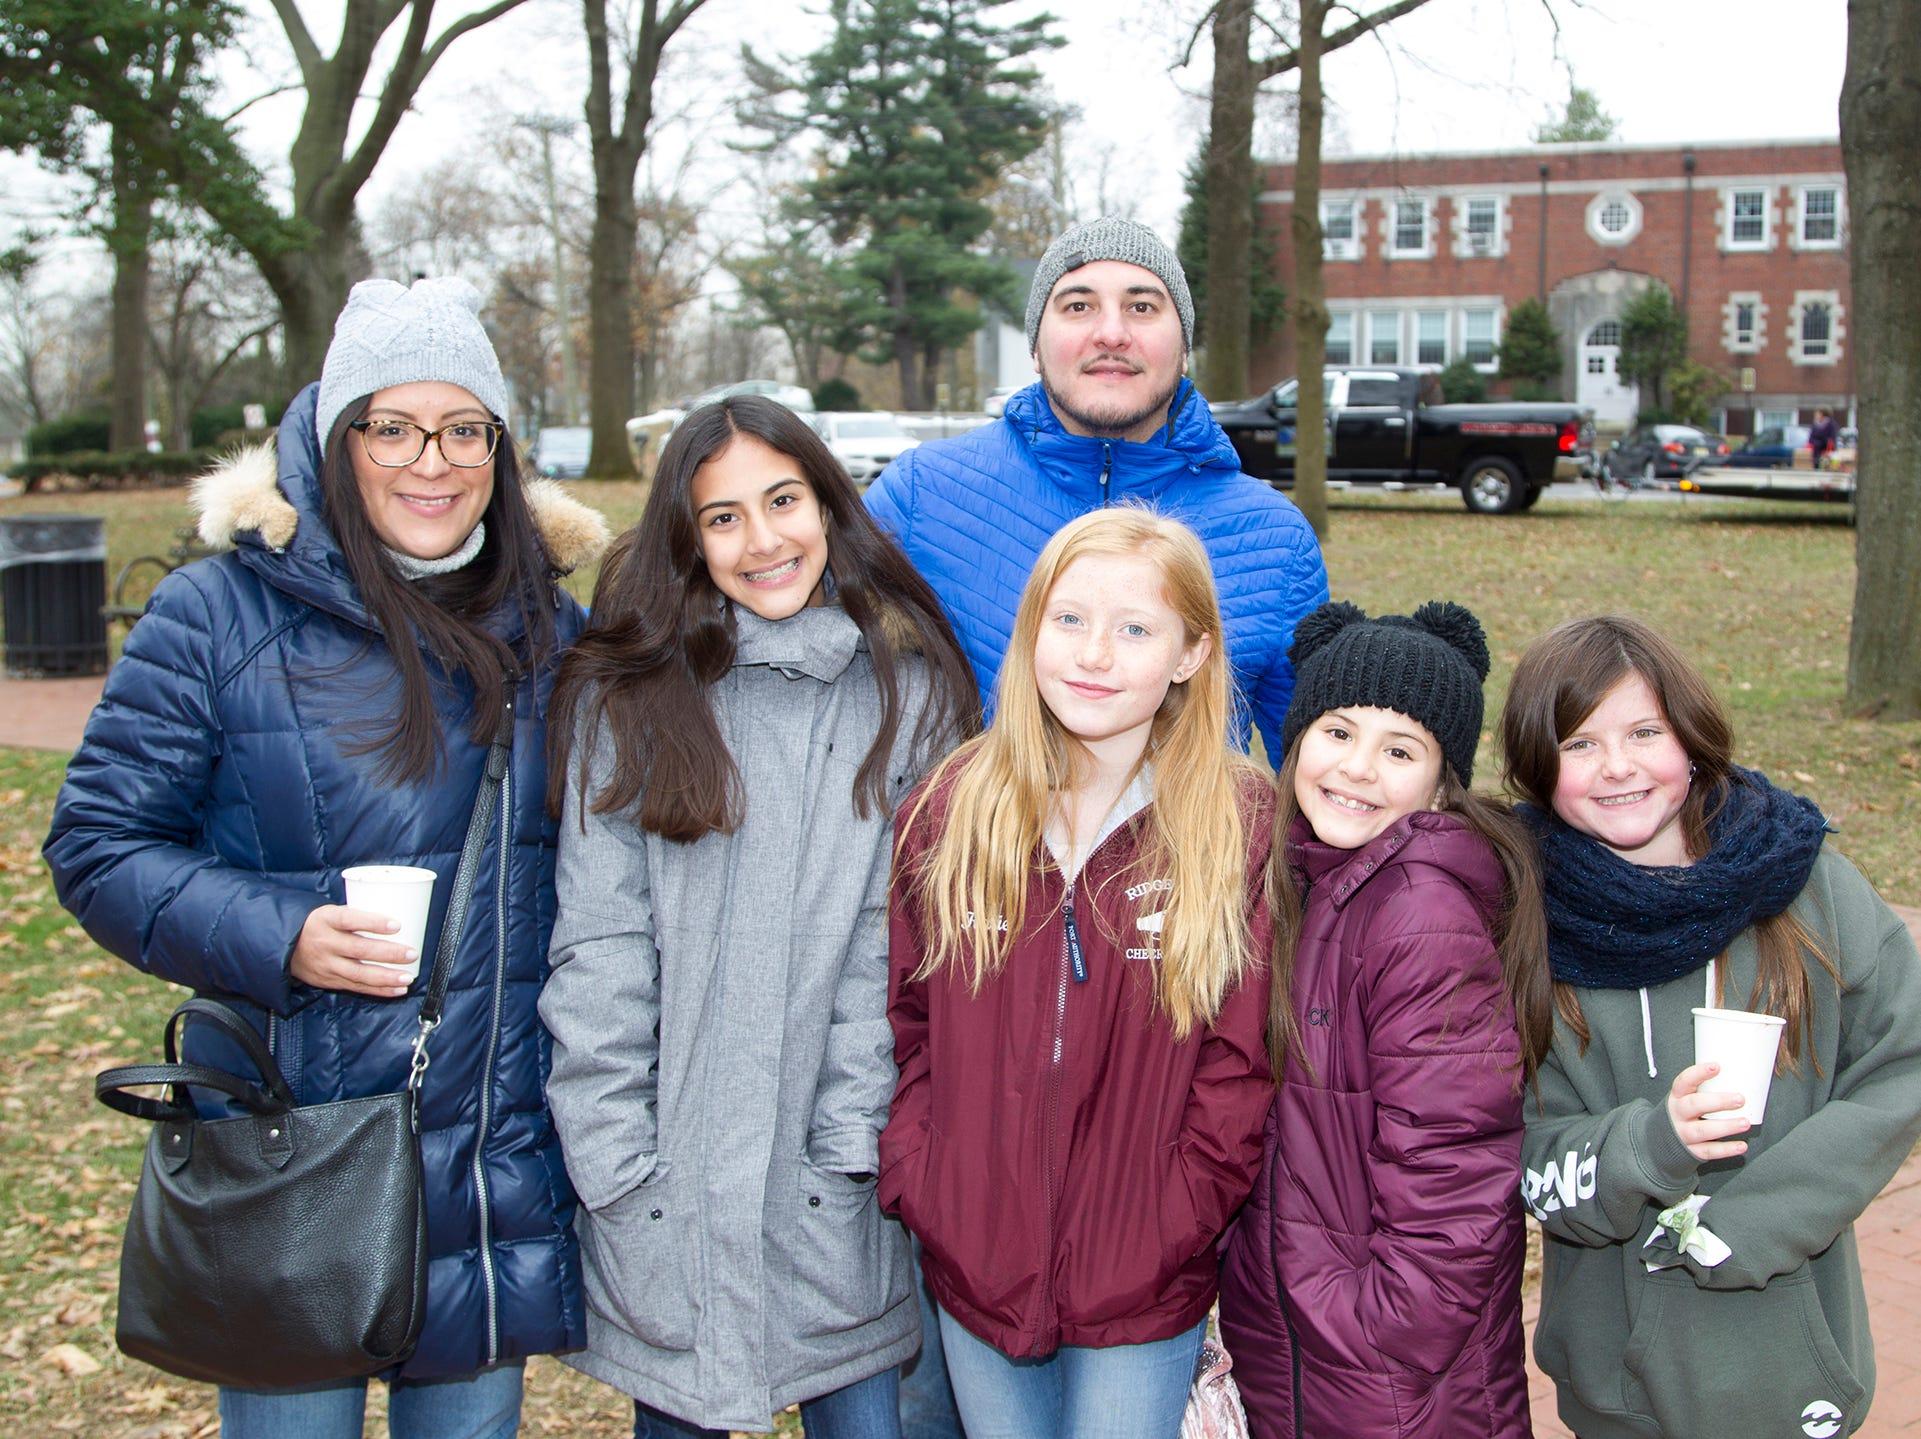 Chantell Gerena, Kylle Gerena, Jorge Gerna, Katie Lewis, Kyria Gerena, Anne Lewis. The Ridgewood Guild sponsors Winter Fest at Van Neste Park in Ridgewood. 11/24/2018